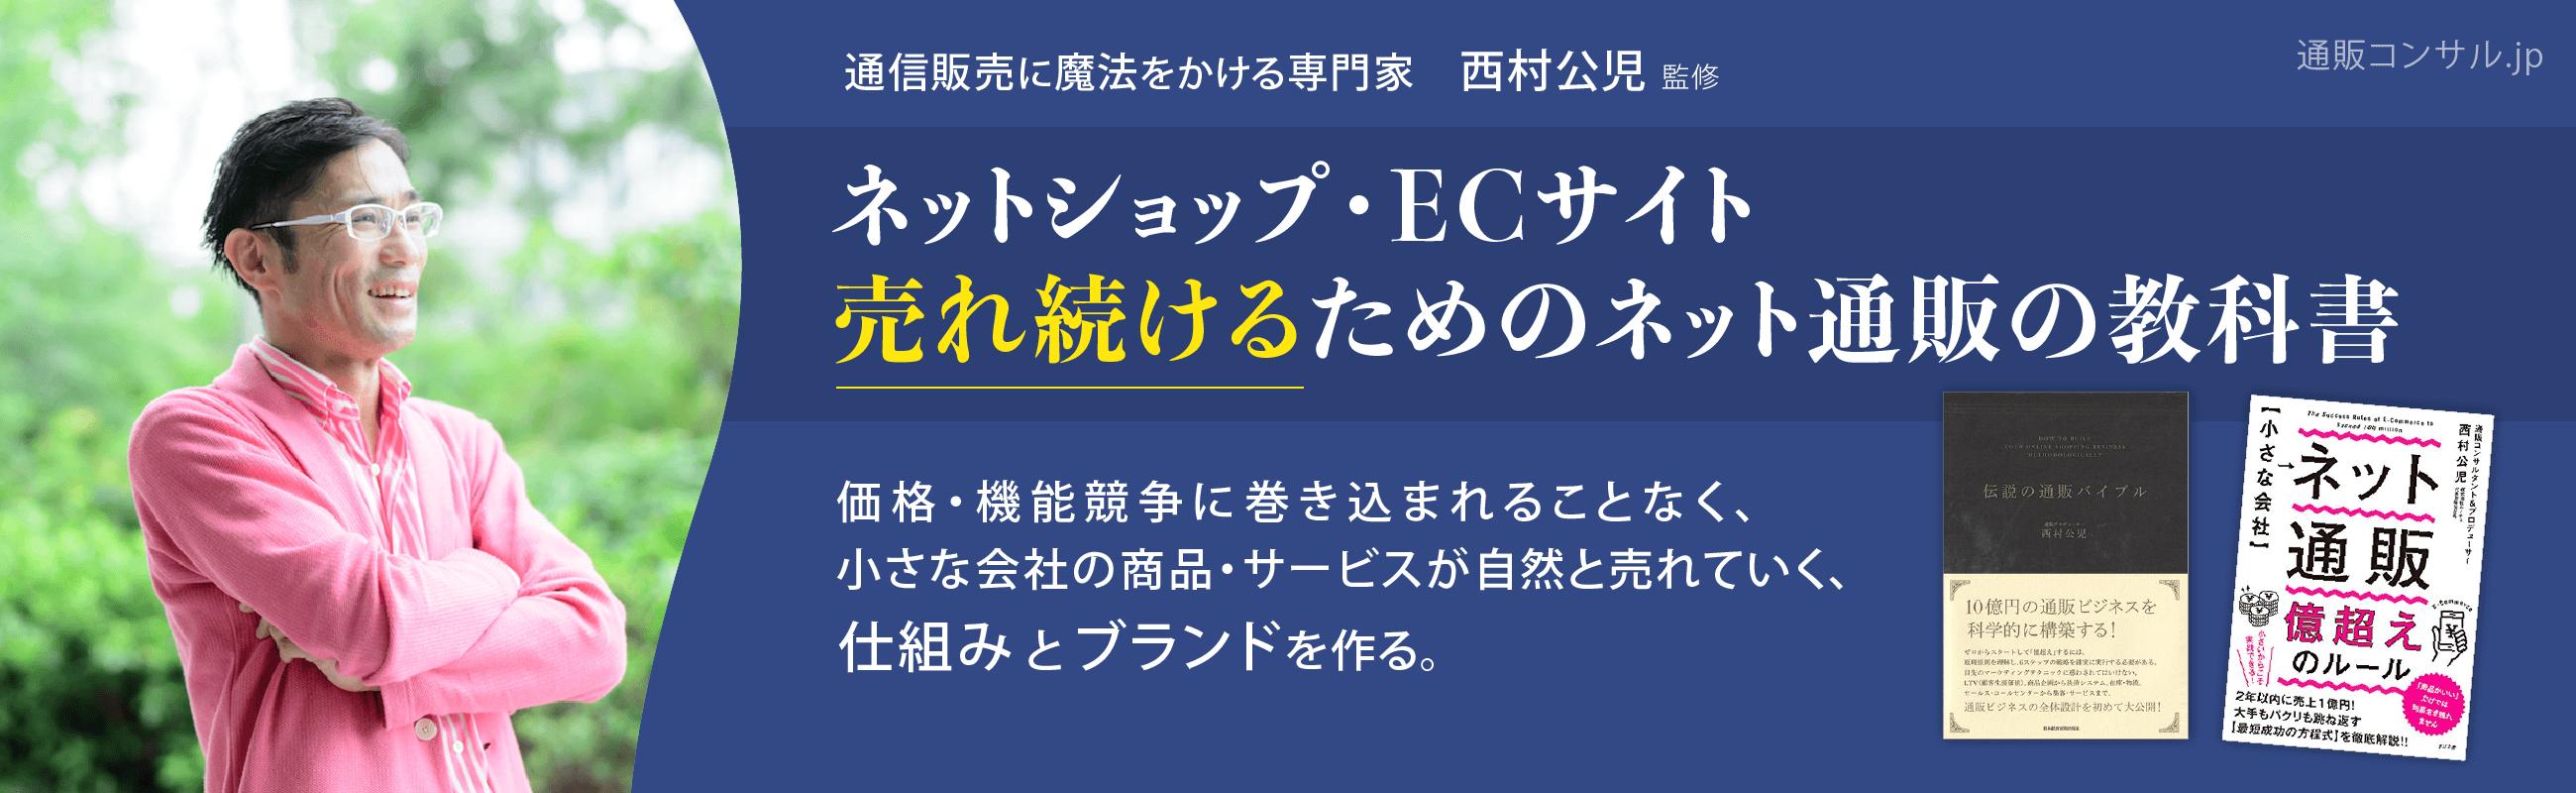 売れるネットショップ・ECサイト・ネット通販の教科書